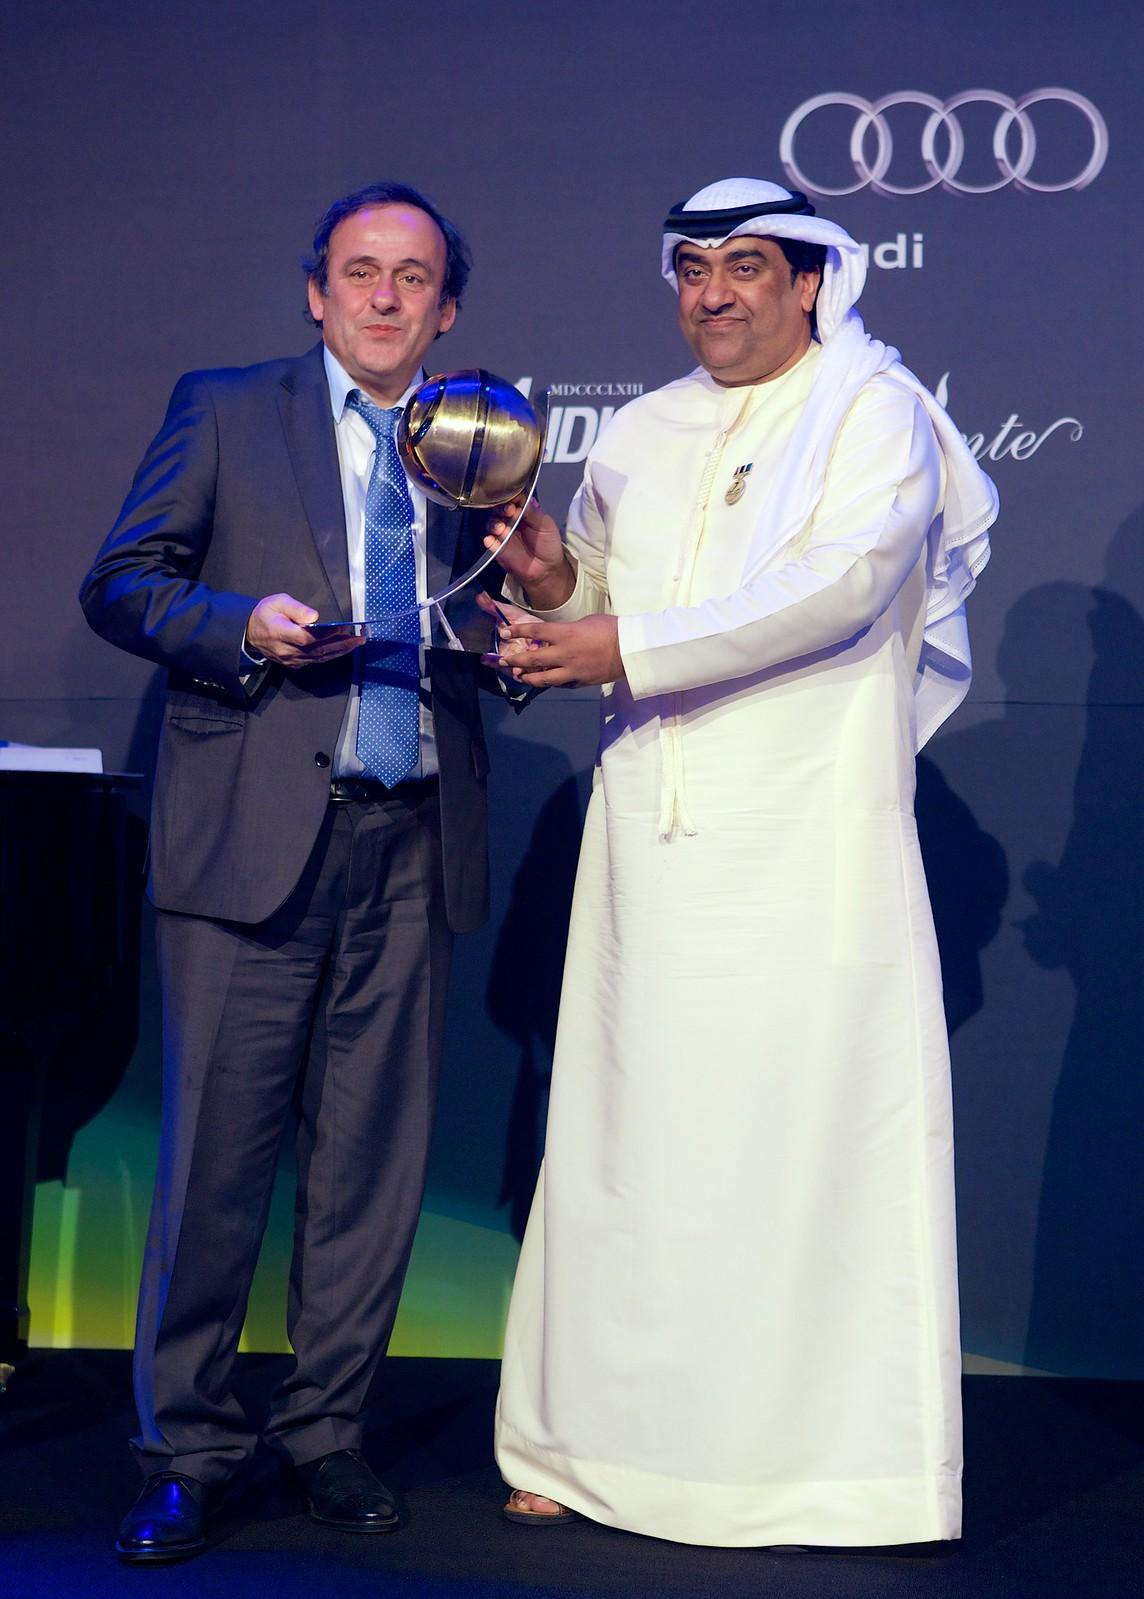 Michel Platini and Mohamad Al Kamali